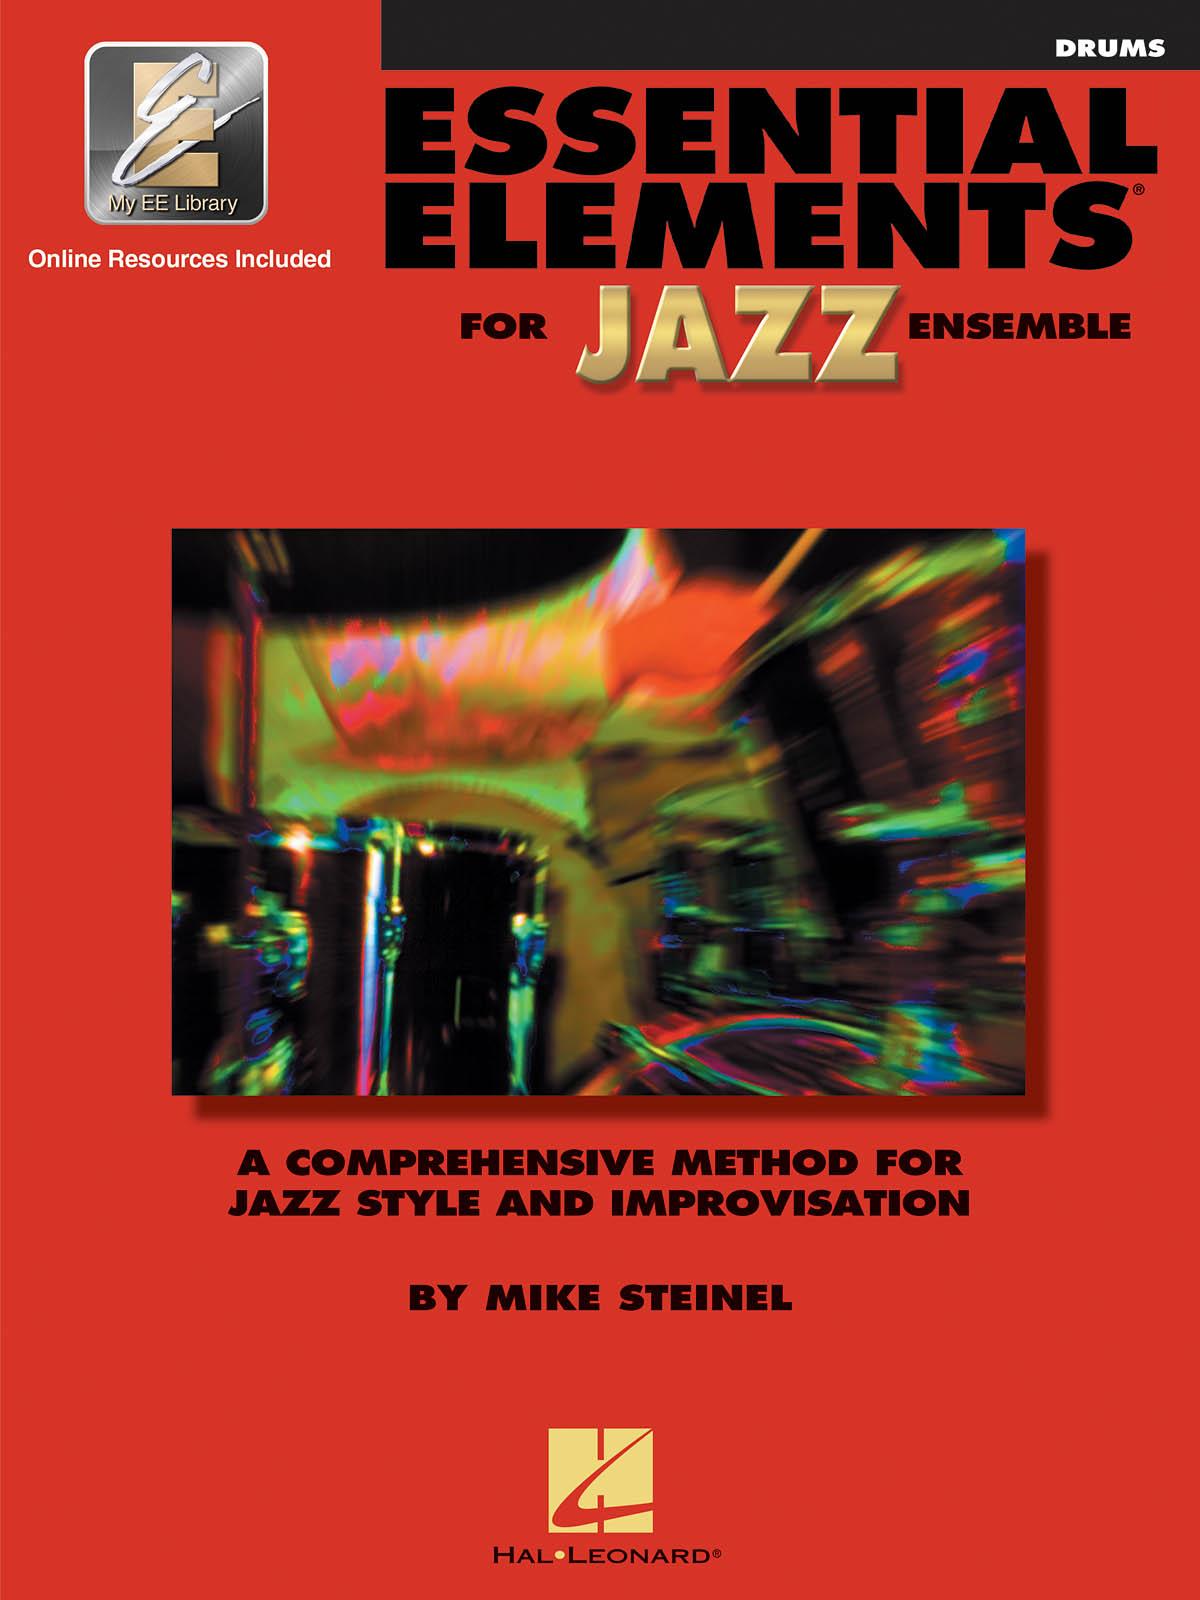 Essential Elements for Jazz Ensemble (Drums): Jazz Ensemble: Book & Audio